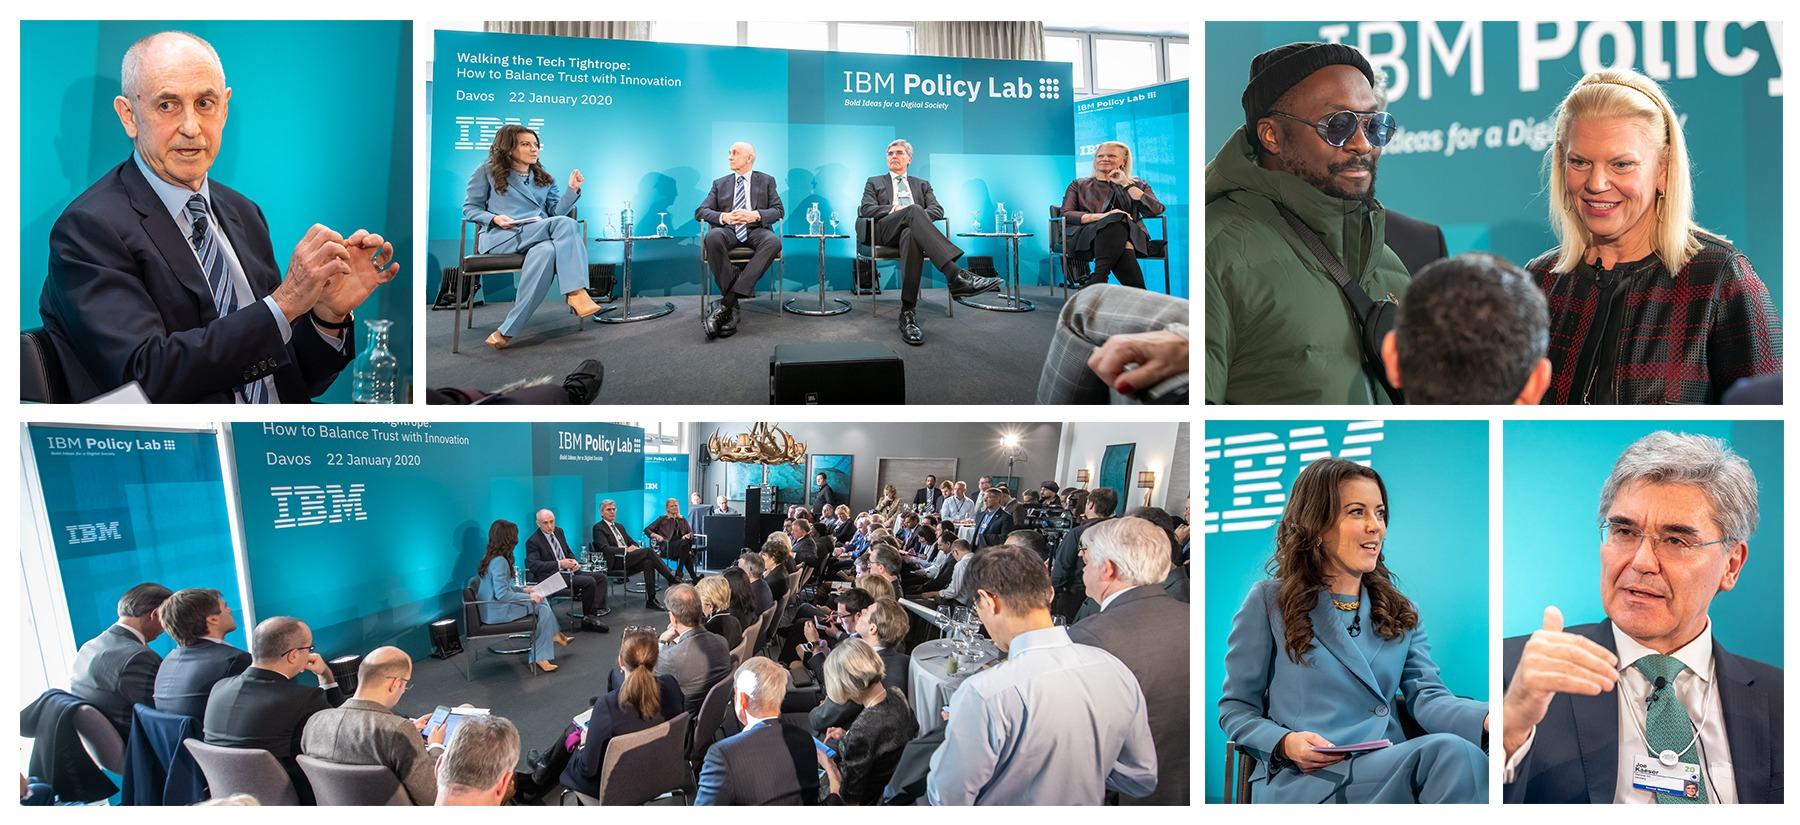 IBM Policy Lab